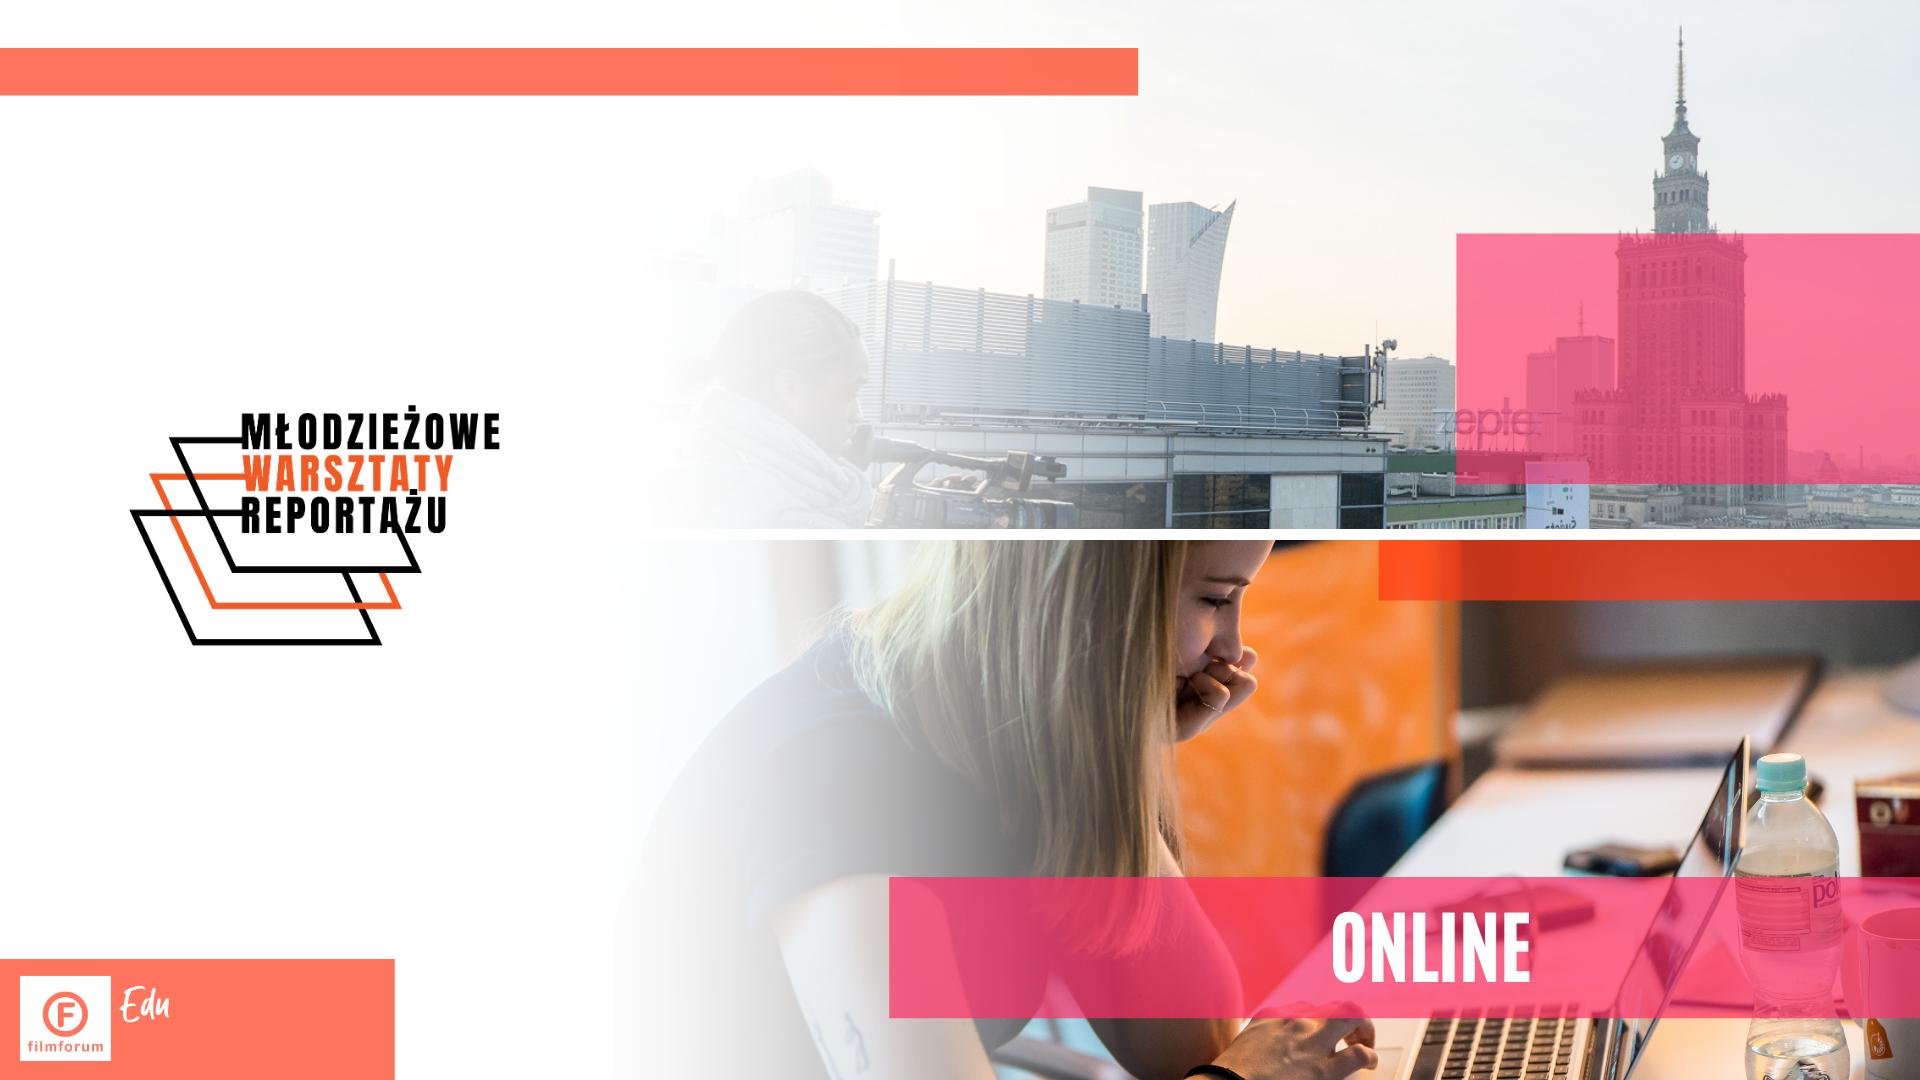 Młodzieżowe warsztaty reportażu online podłużne